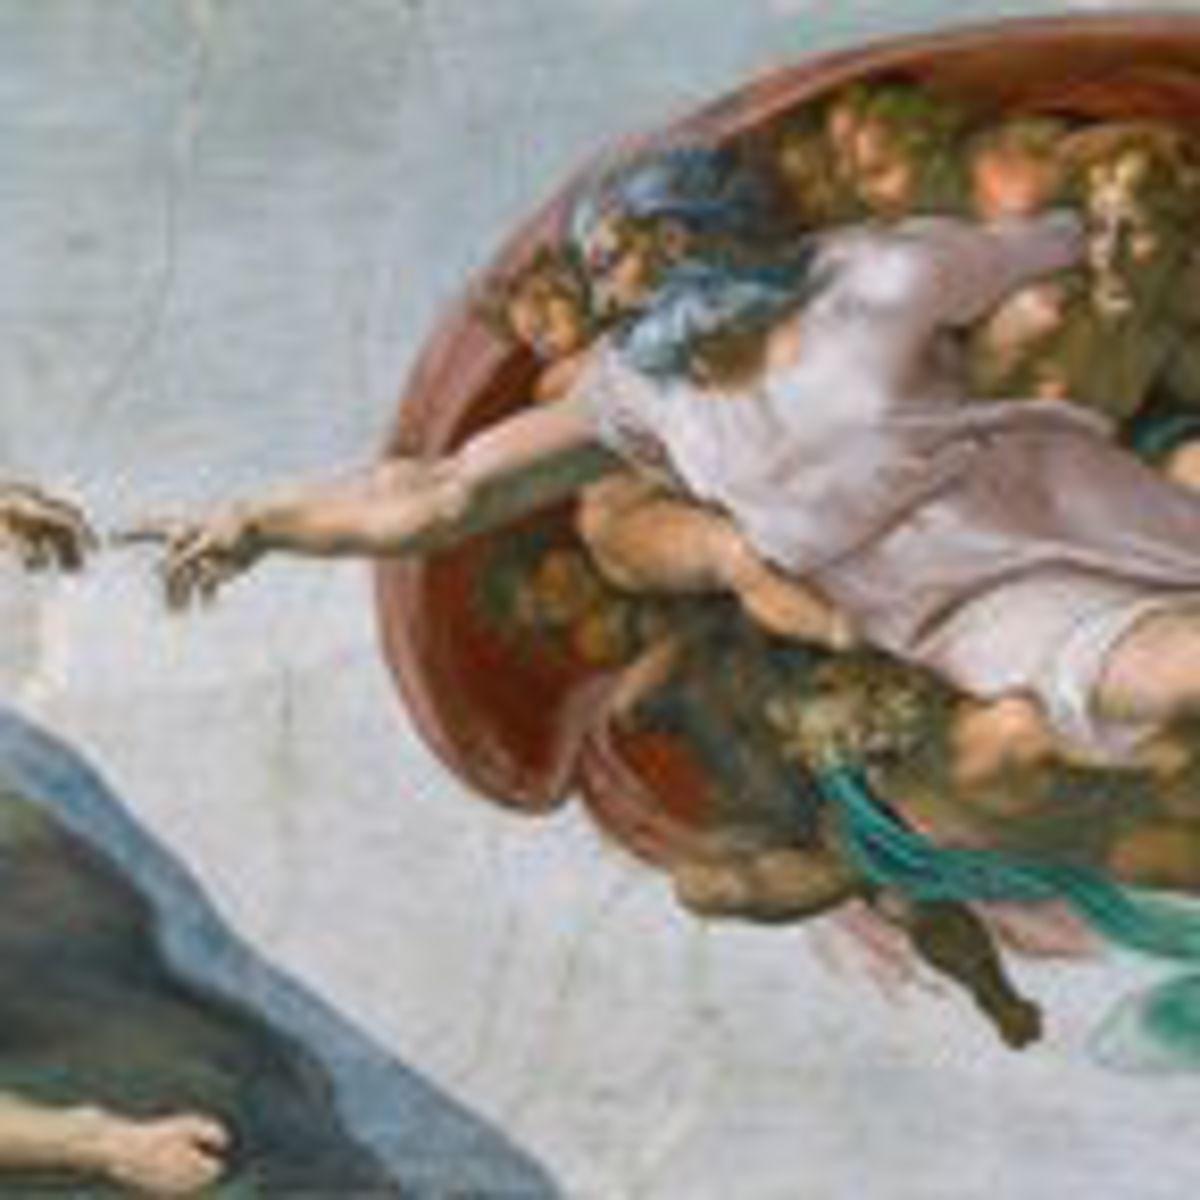 Adam and eve store sacramento